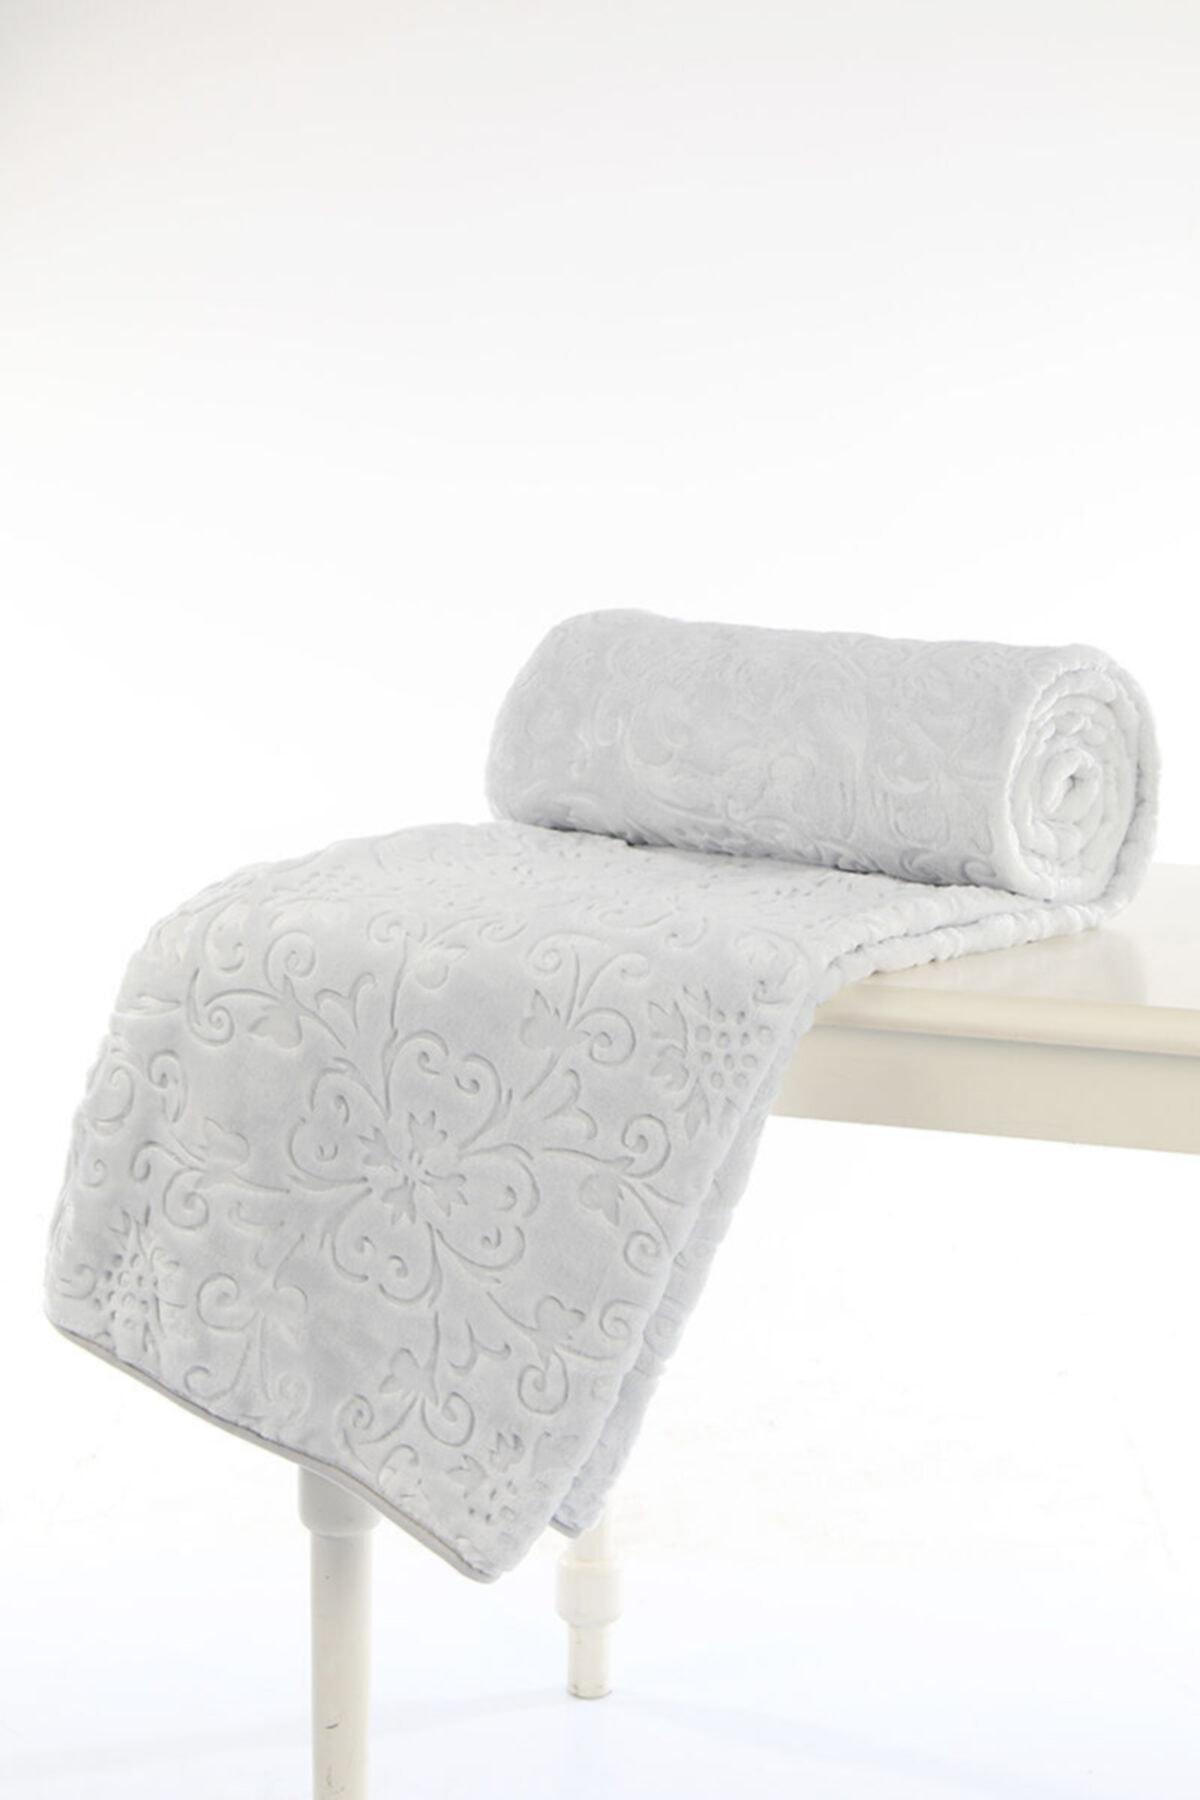 Özdilek Battaniye Trendy Gri Tek Kişilik 160x220